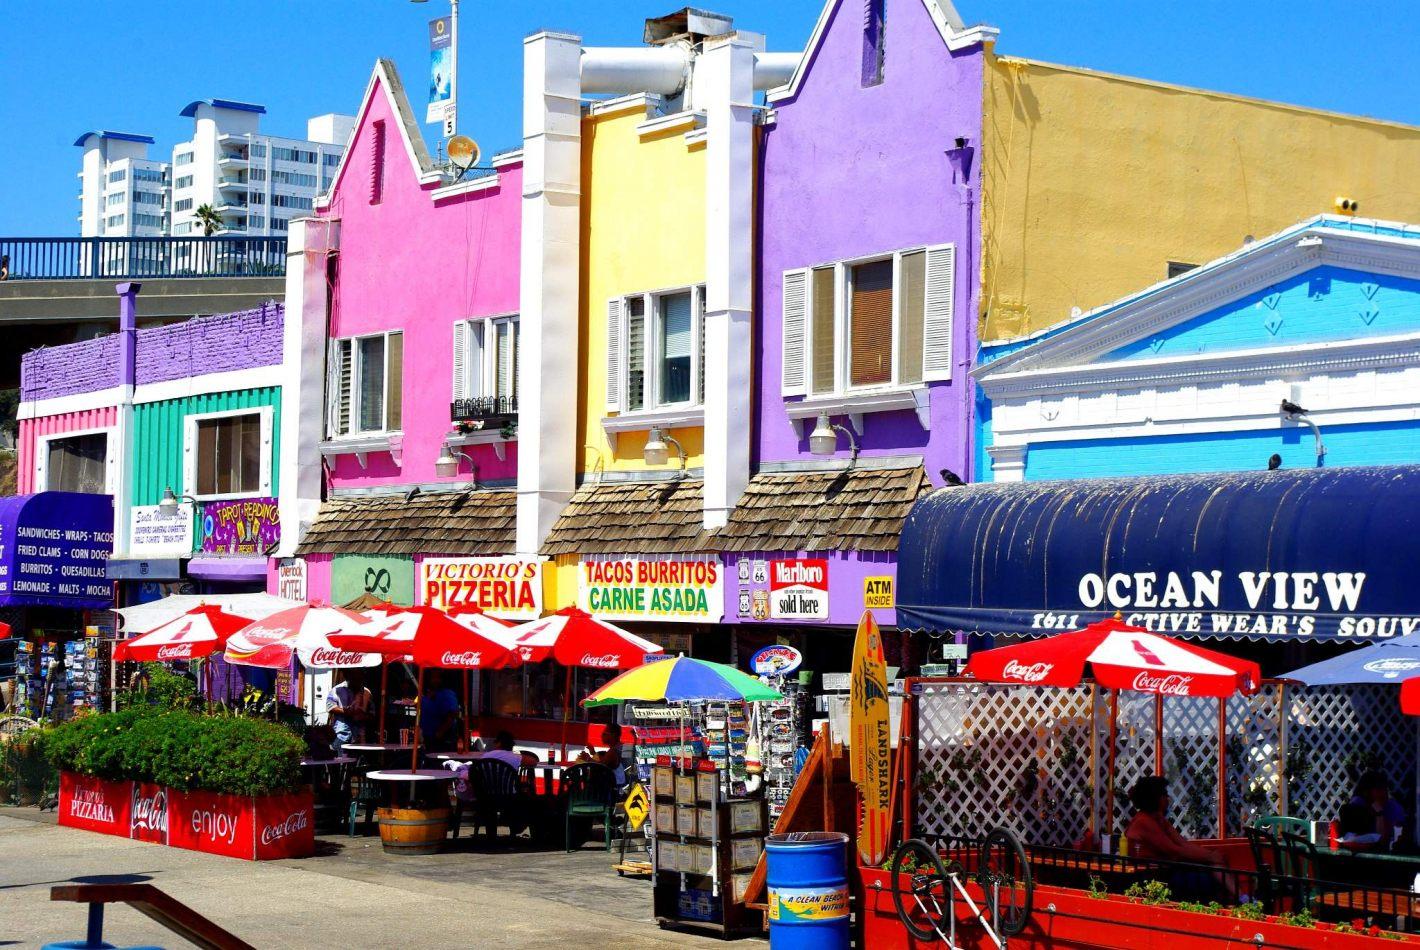 Hibiscus & Nomada : - - Venice Beach